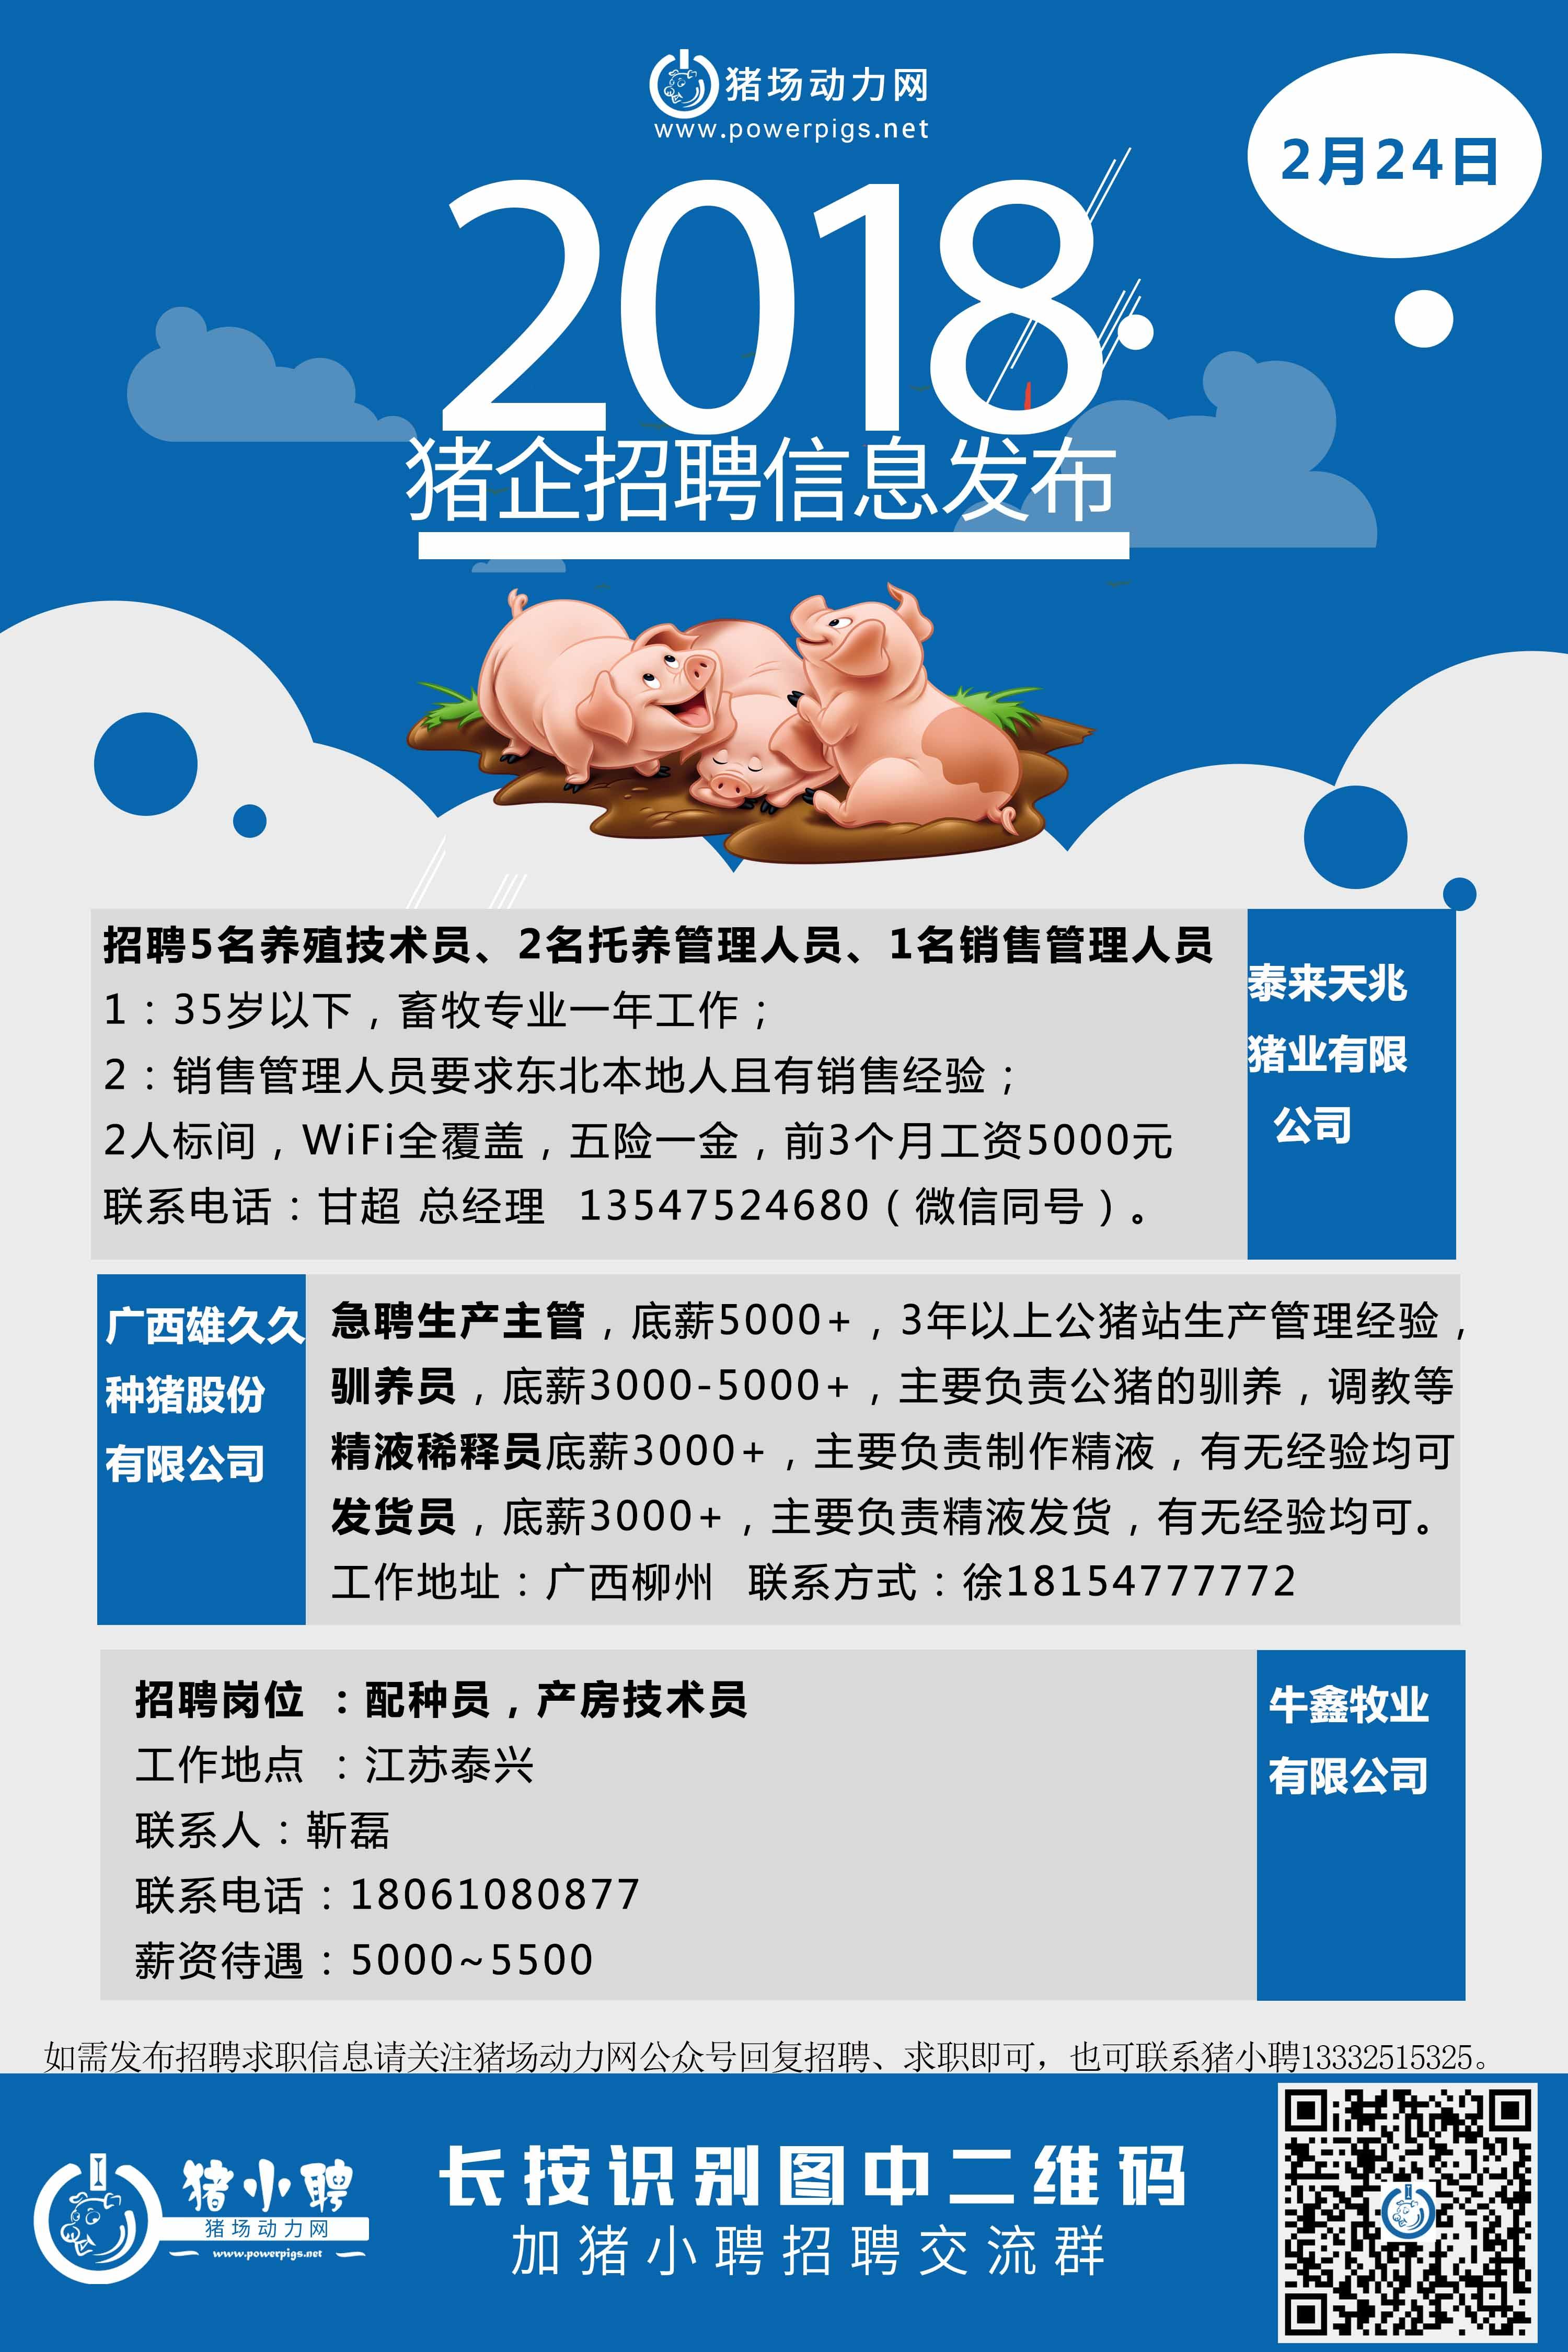 2.24日猪场招聘.jpg